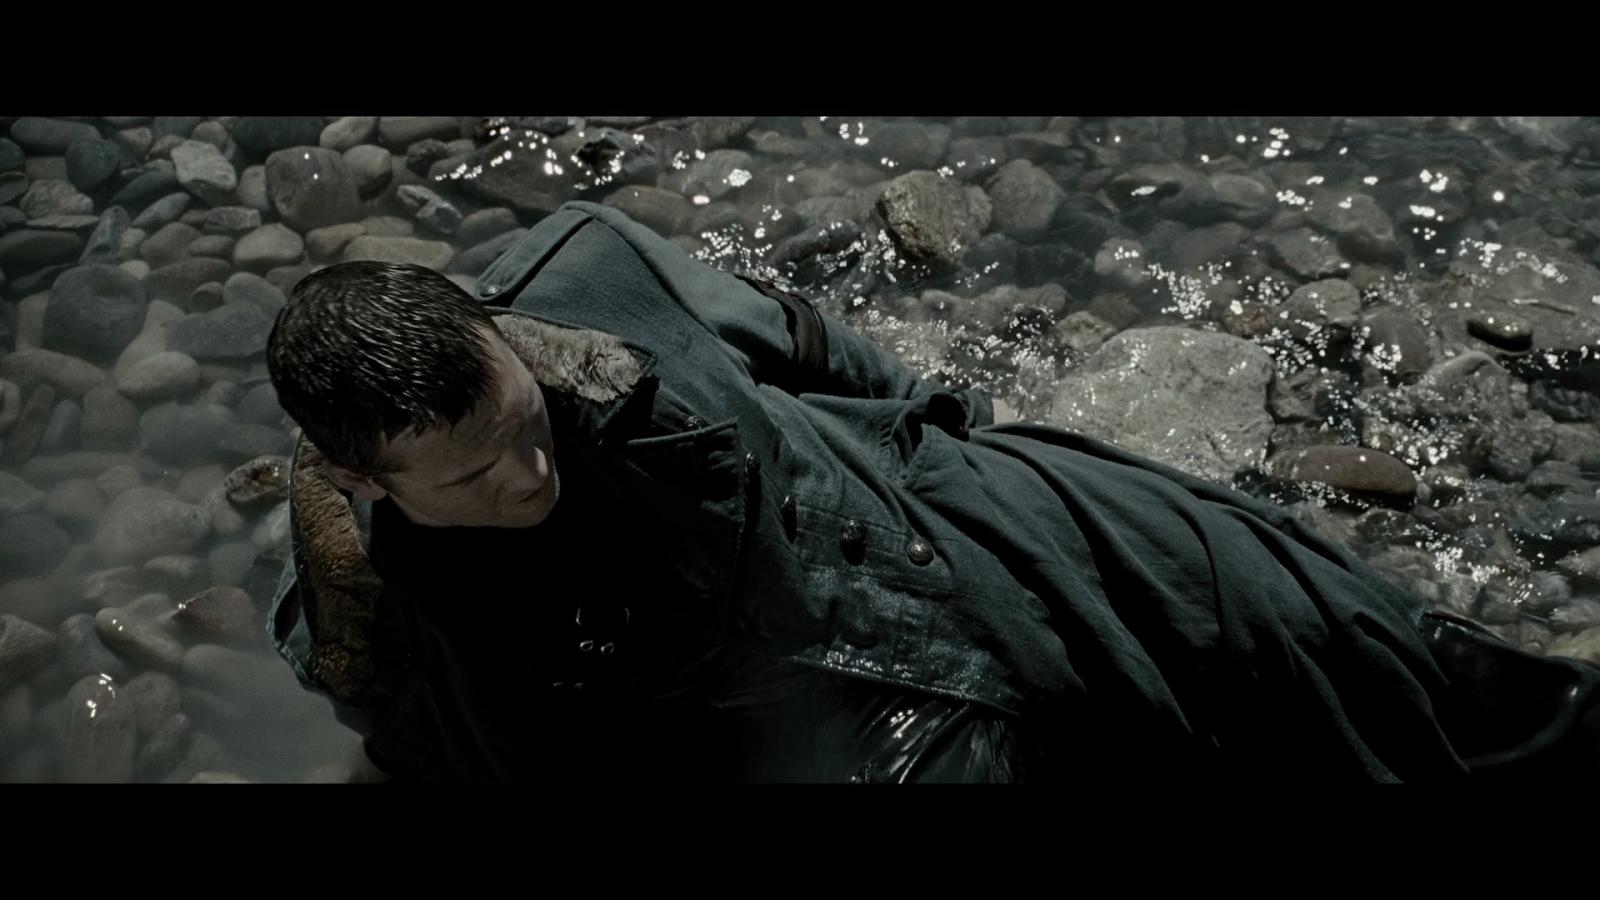 Terminator - La salvación (2009) BRRip 720p Latino-Ingles captura 3